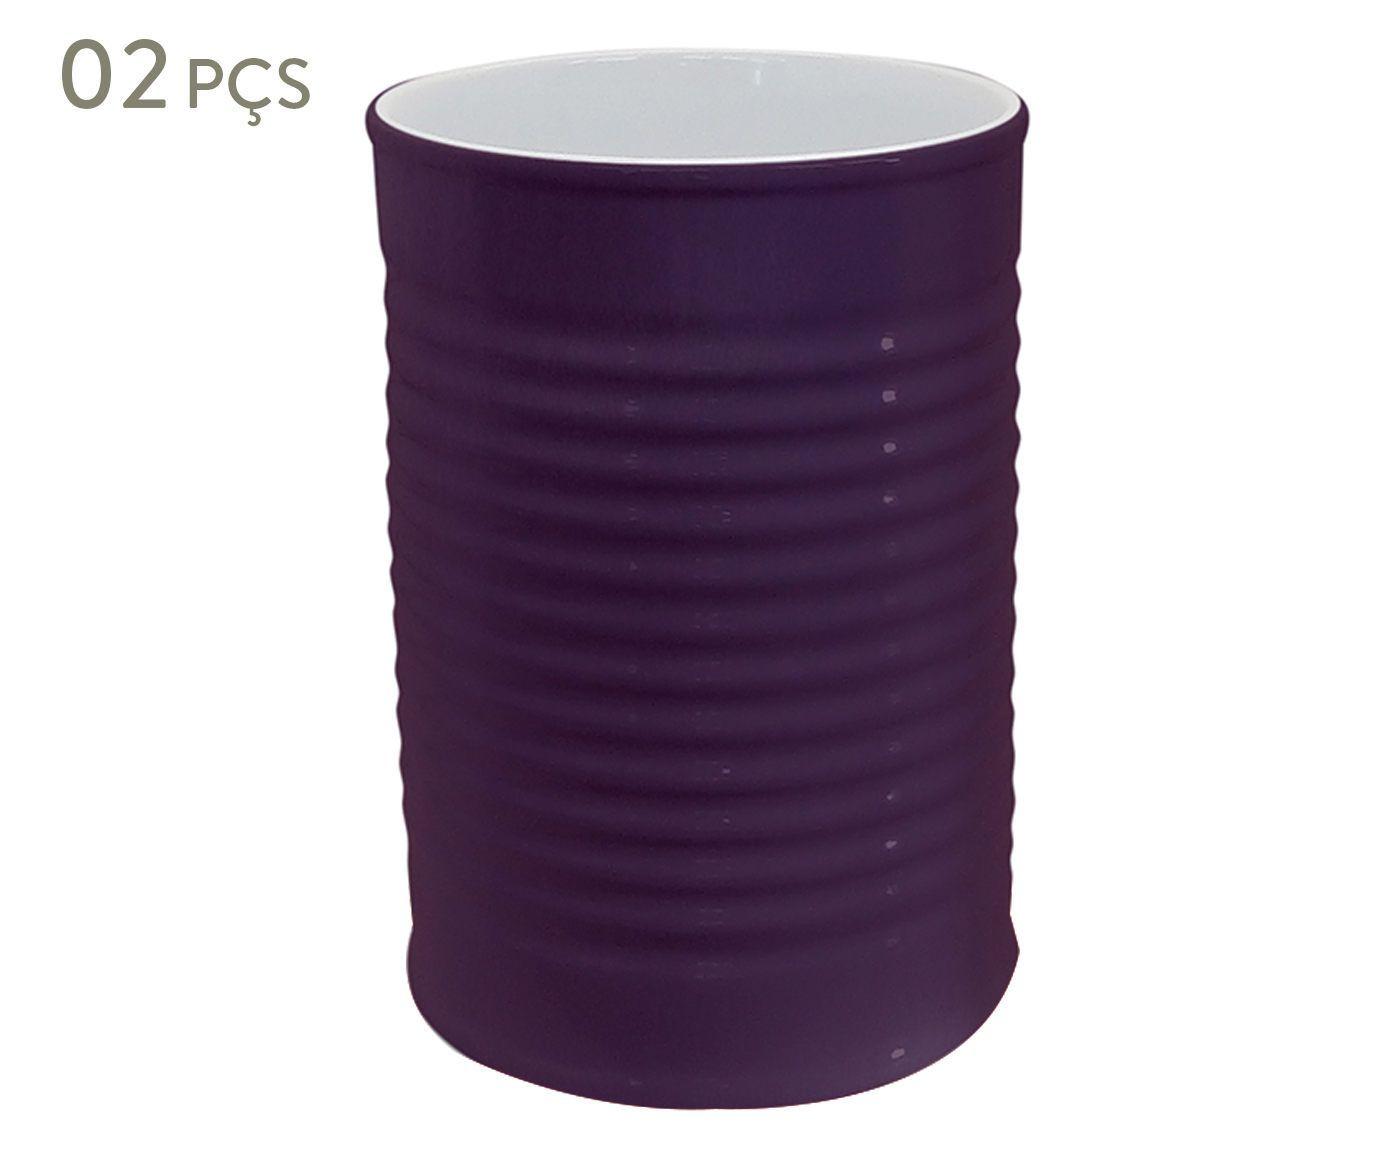 Conjunto de Porta-utensílios Espalier - Effect 1300 ml   Westwing.com.br